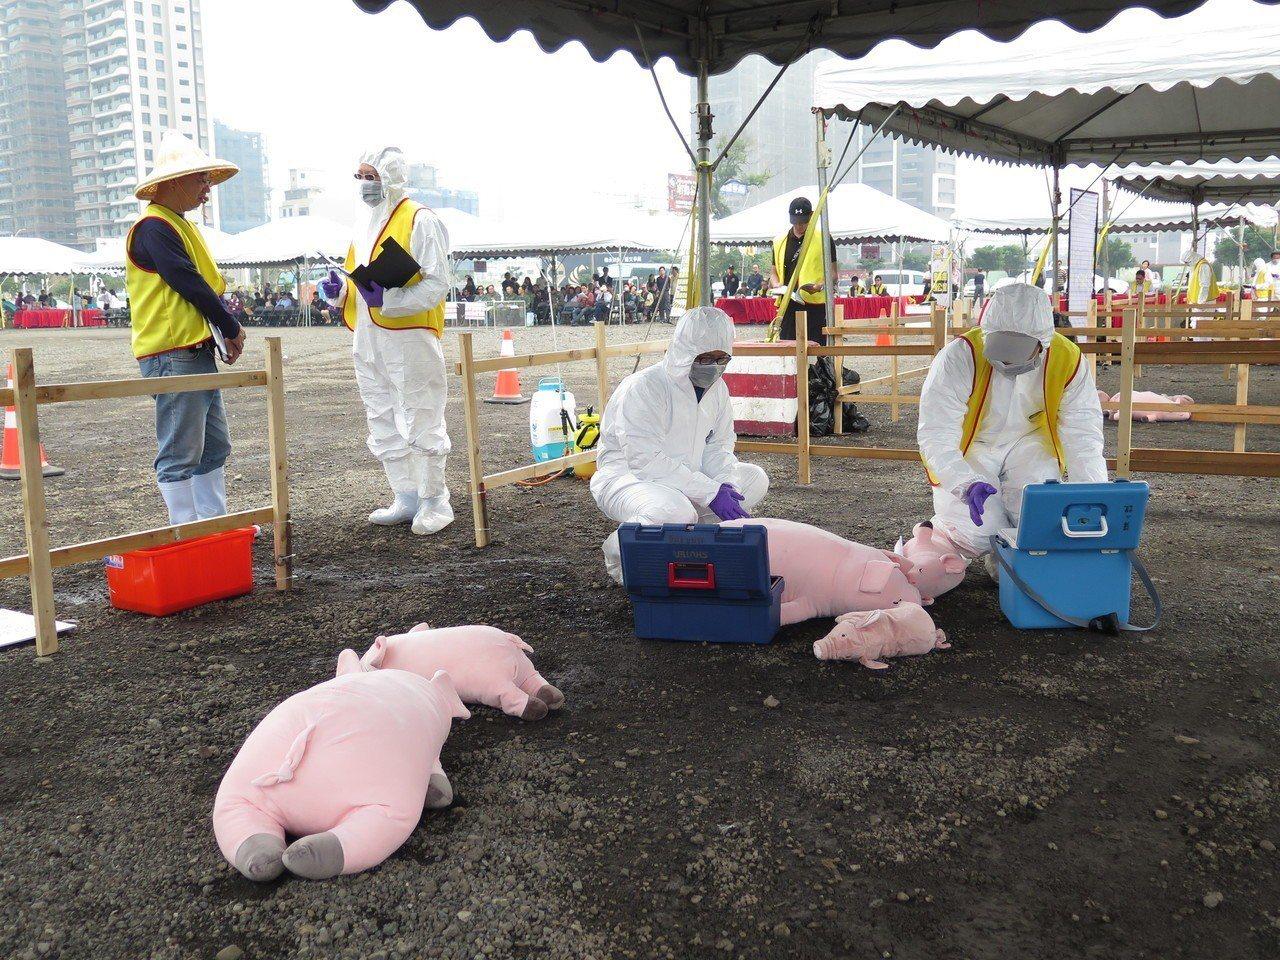 現場模擬有畜牧場發生豬隻異常死亡,防疫人員採集相關檢體。記者張裕珍/攝影